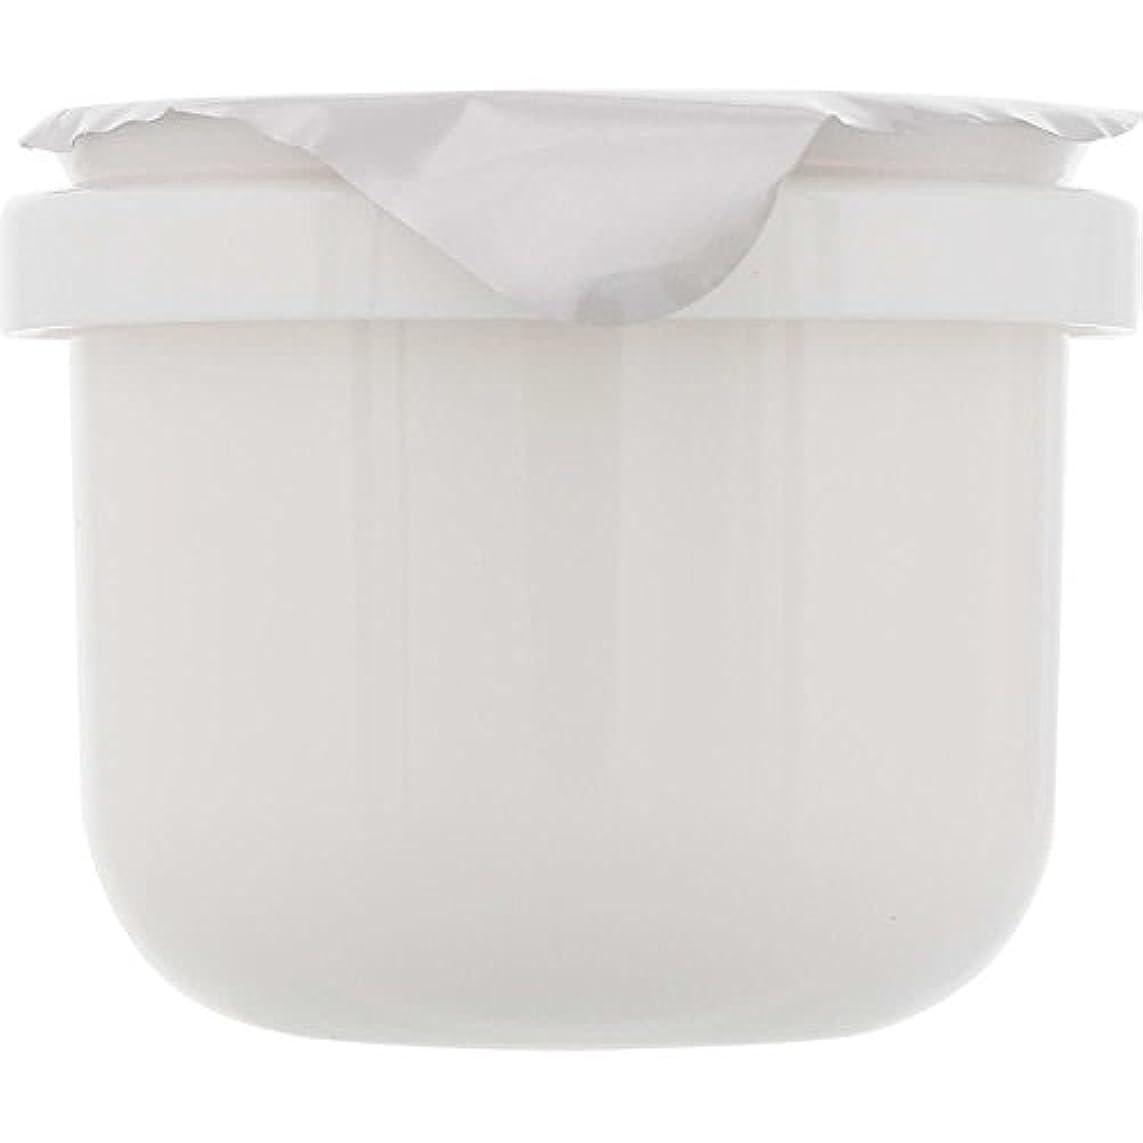 直径ストリームご飯LECHERI(ルシェリ) ルシェリ リフトグロウ クリーム 詰替え用 40g